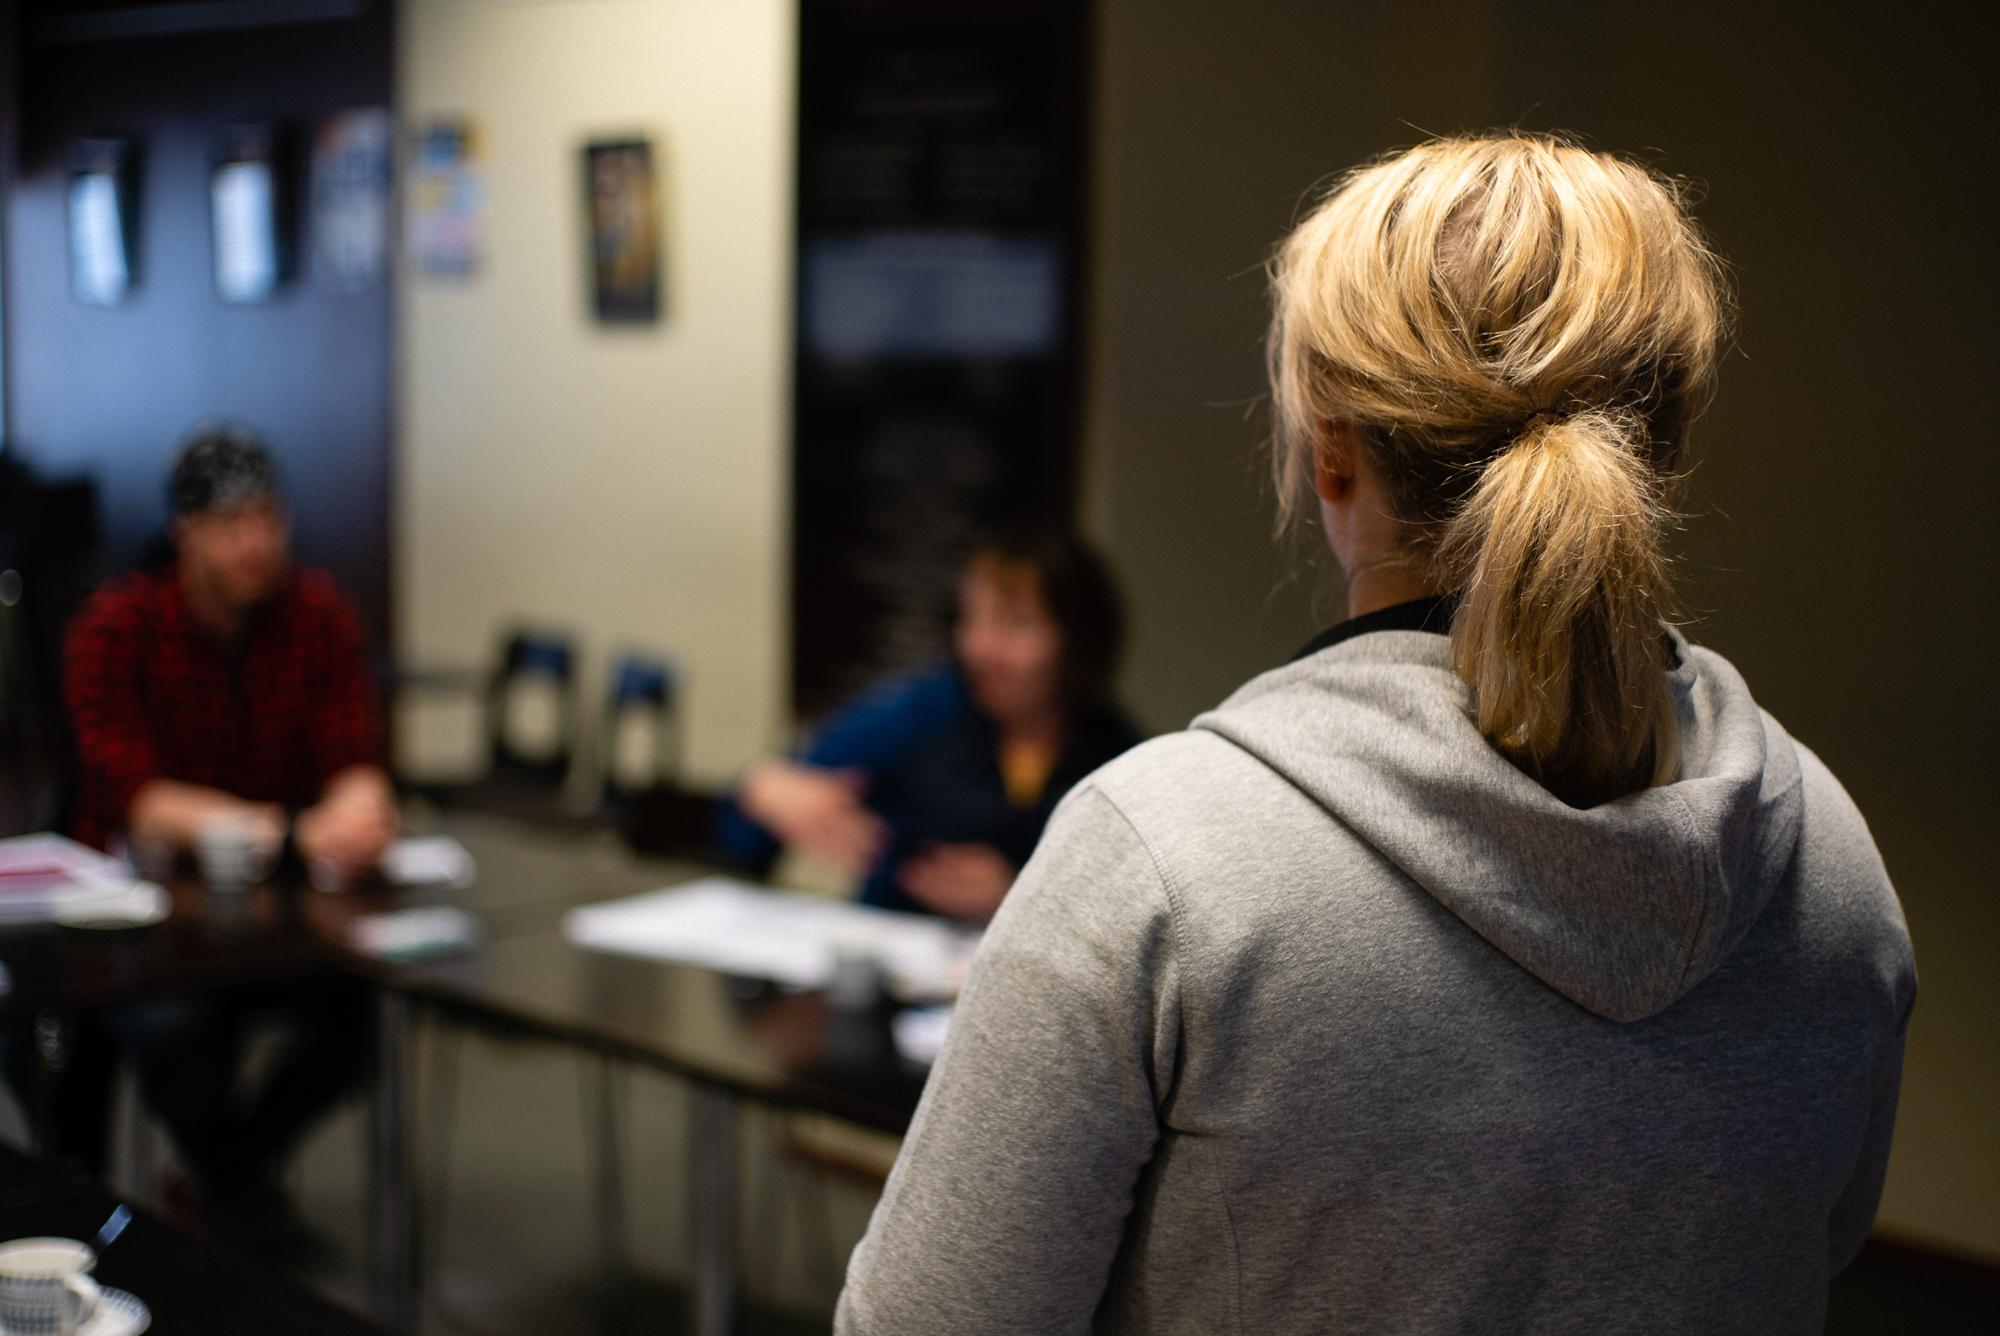 Nainen seisoo selin kameraan, taustalla näkyy kaksi henkilöä istumassa pöytien ääressä.